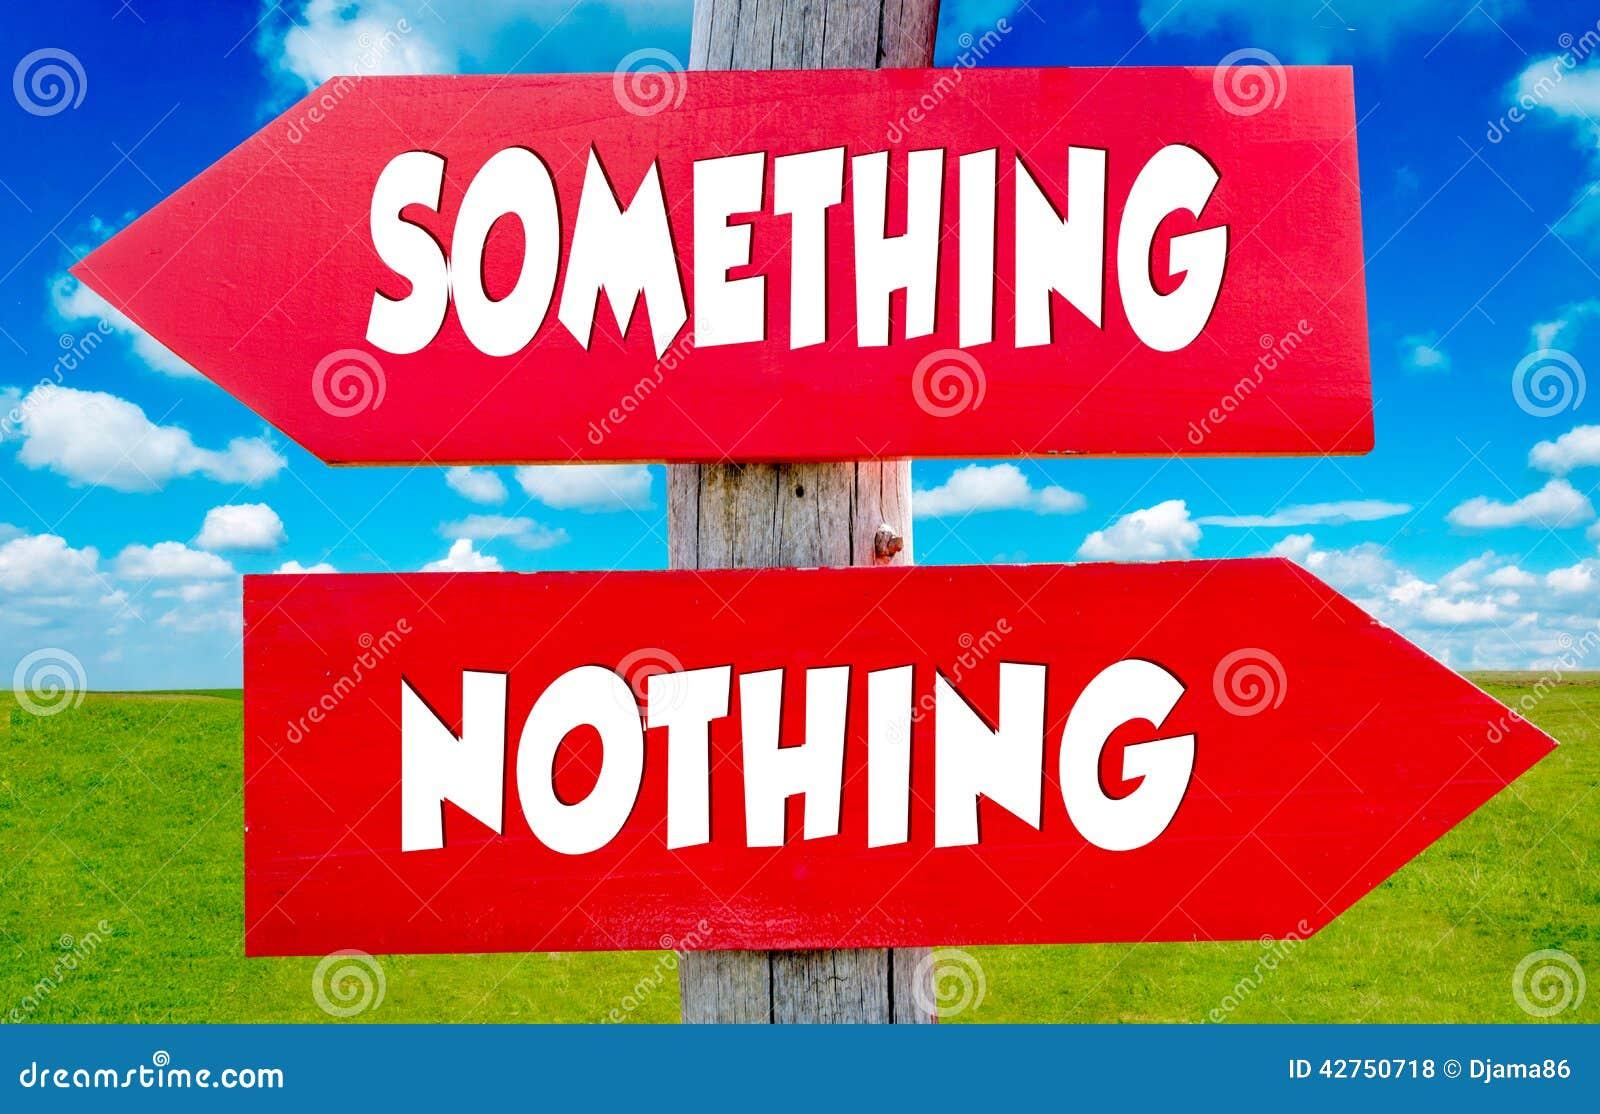 Något och ingenting